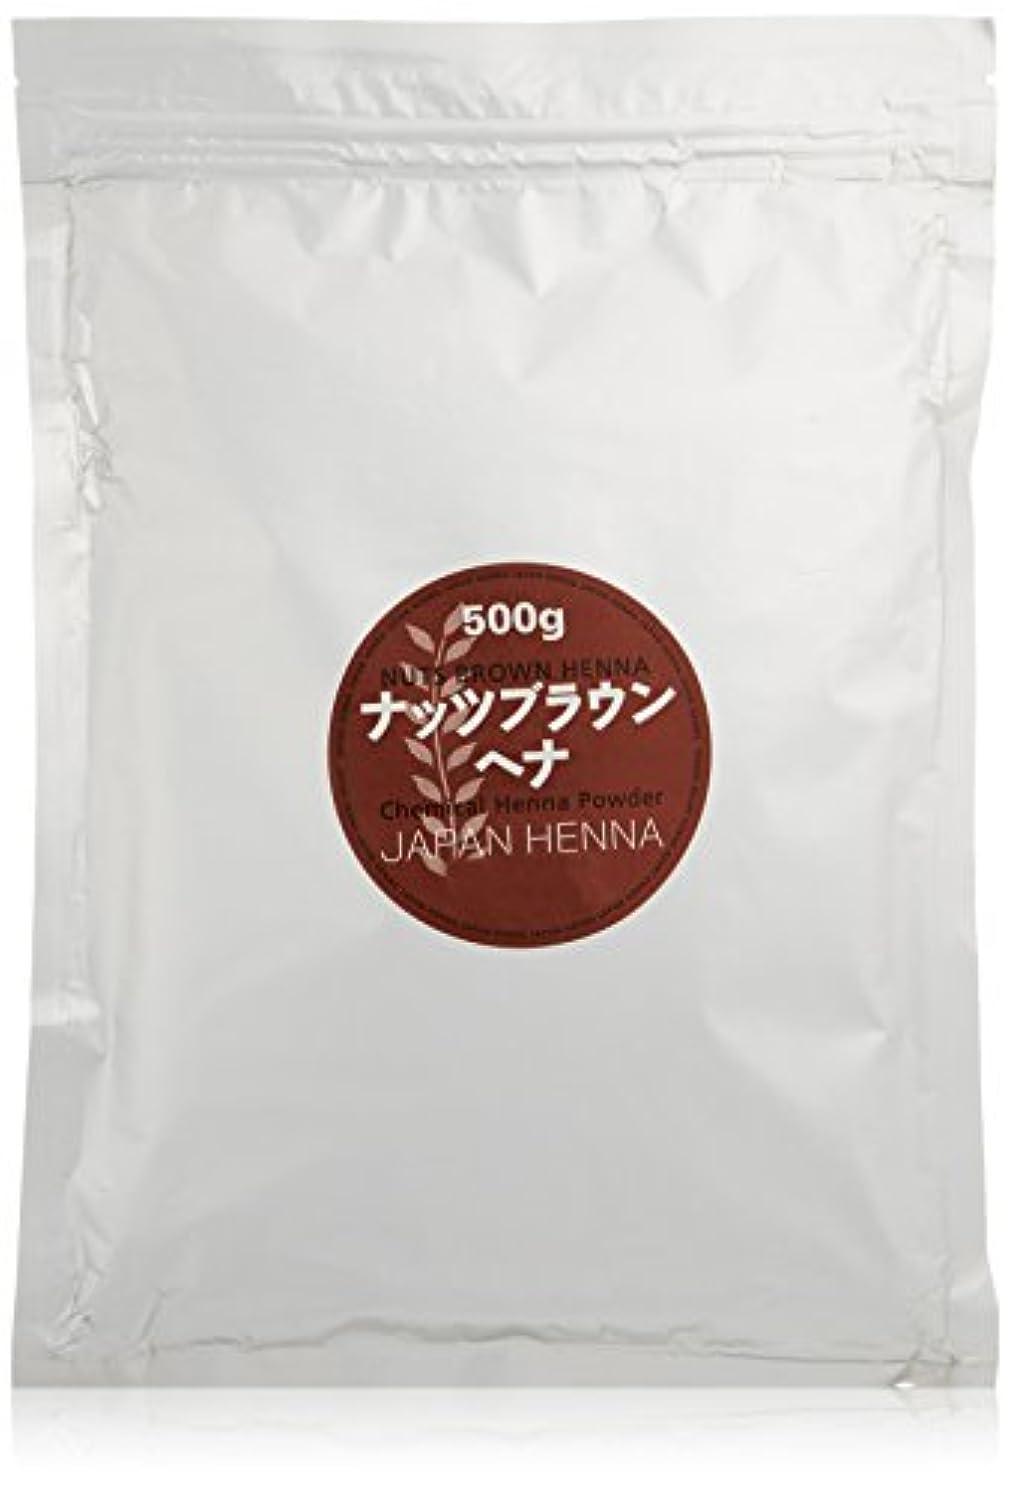 眩惑する甘美な通訳ジャパンヘナ ナッツブラウン 500g